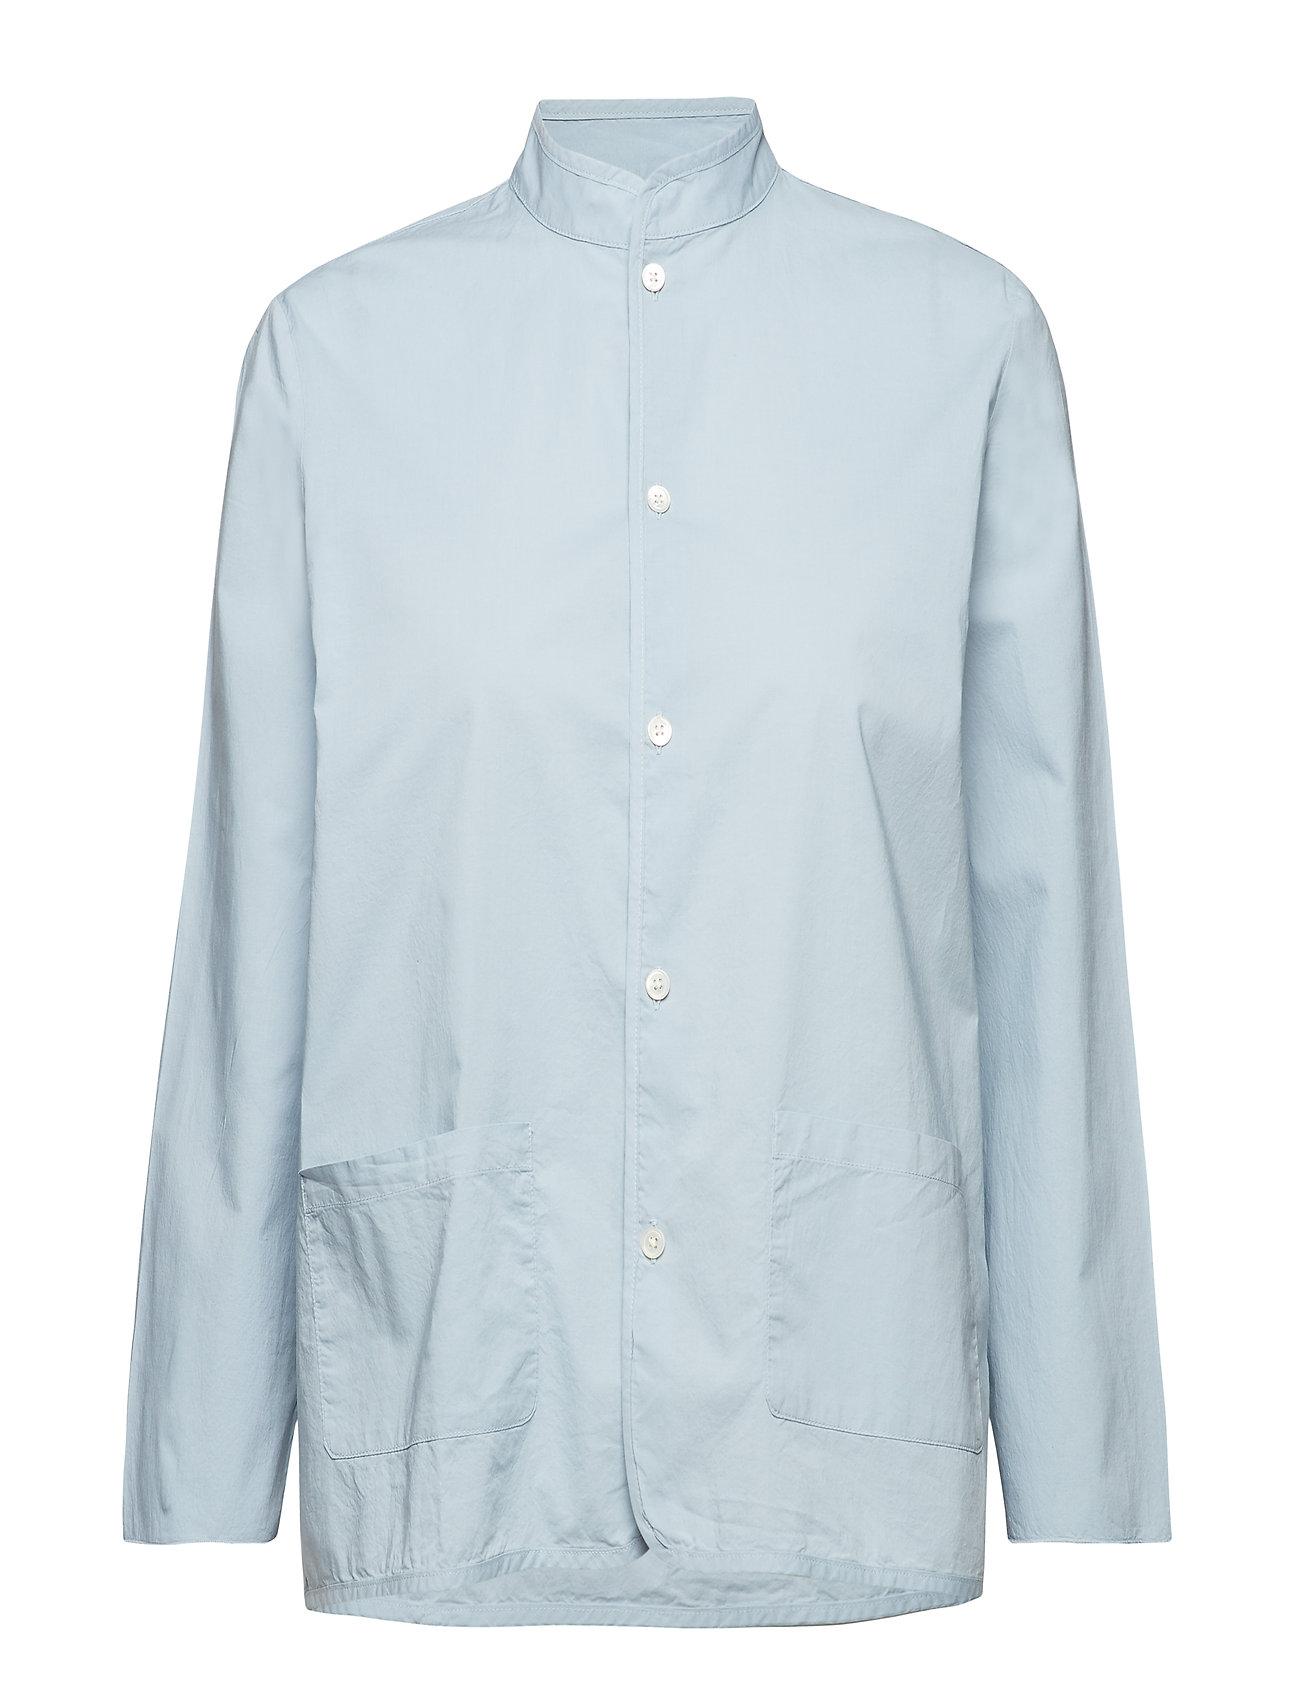 Shirtlt Trade Trade BlueHope Shirtlt Trade Shirtlt BlueHope Trade BlueHope Shirtlt BlueHope wnymN8O0v